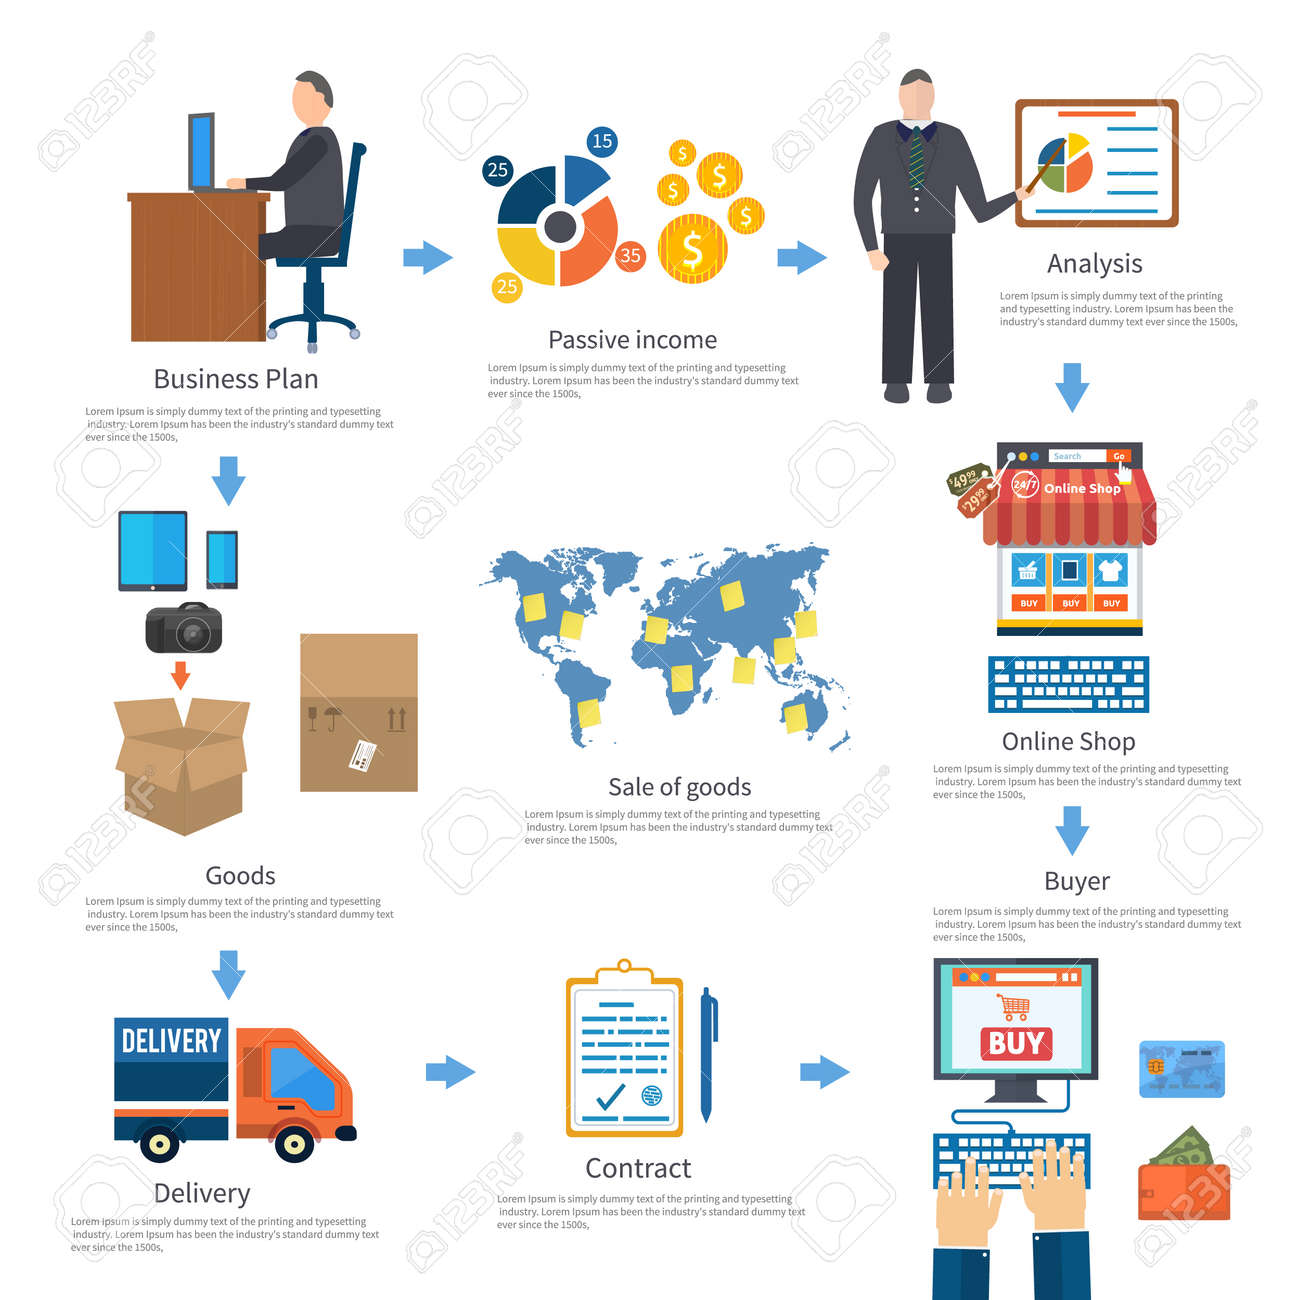 eaef20314c8794 Analysieren von Internet-Shopping-Prozess von Einkauf und Lieferung.  Online-Geschäft verkaufen